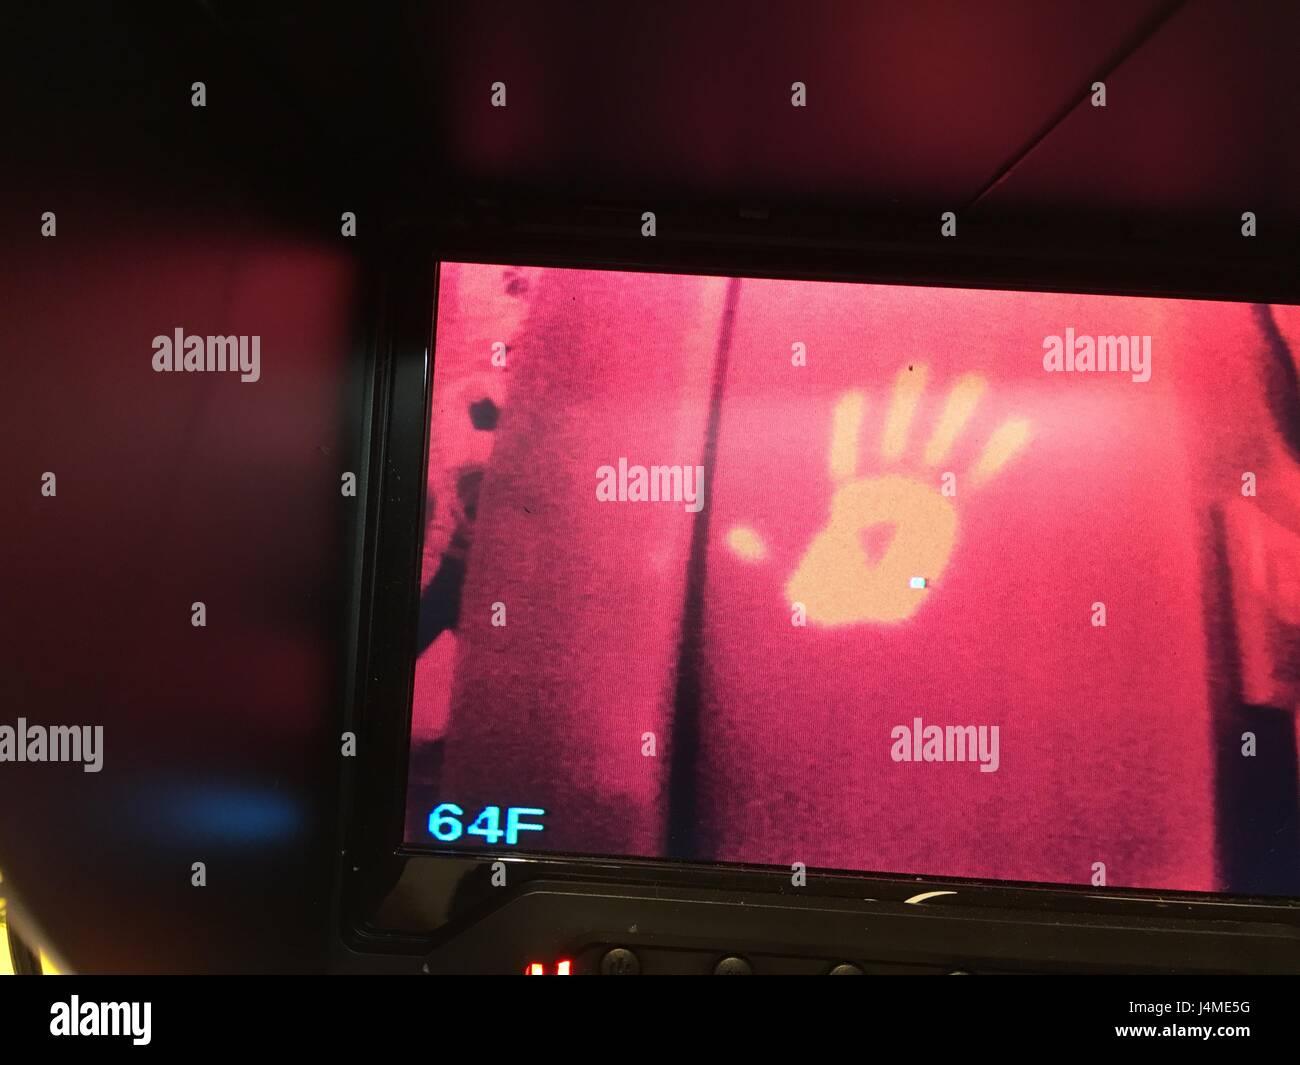 Immagine latente di un interruttore termico di stampa a mano Immagini Stock